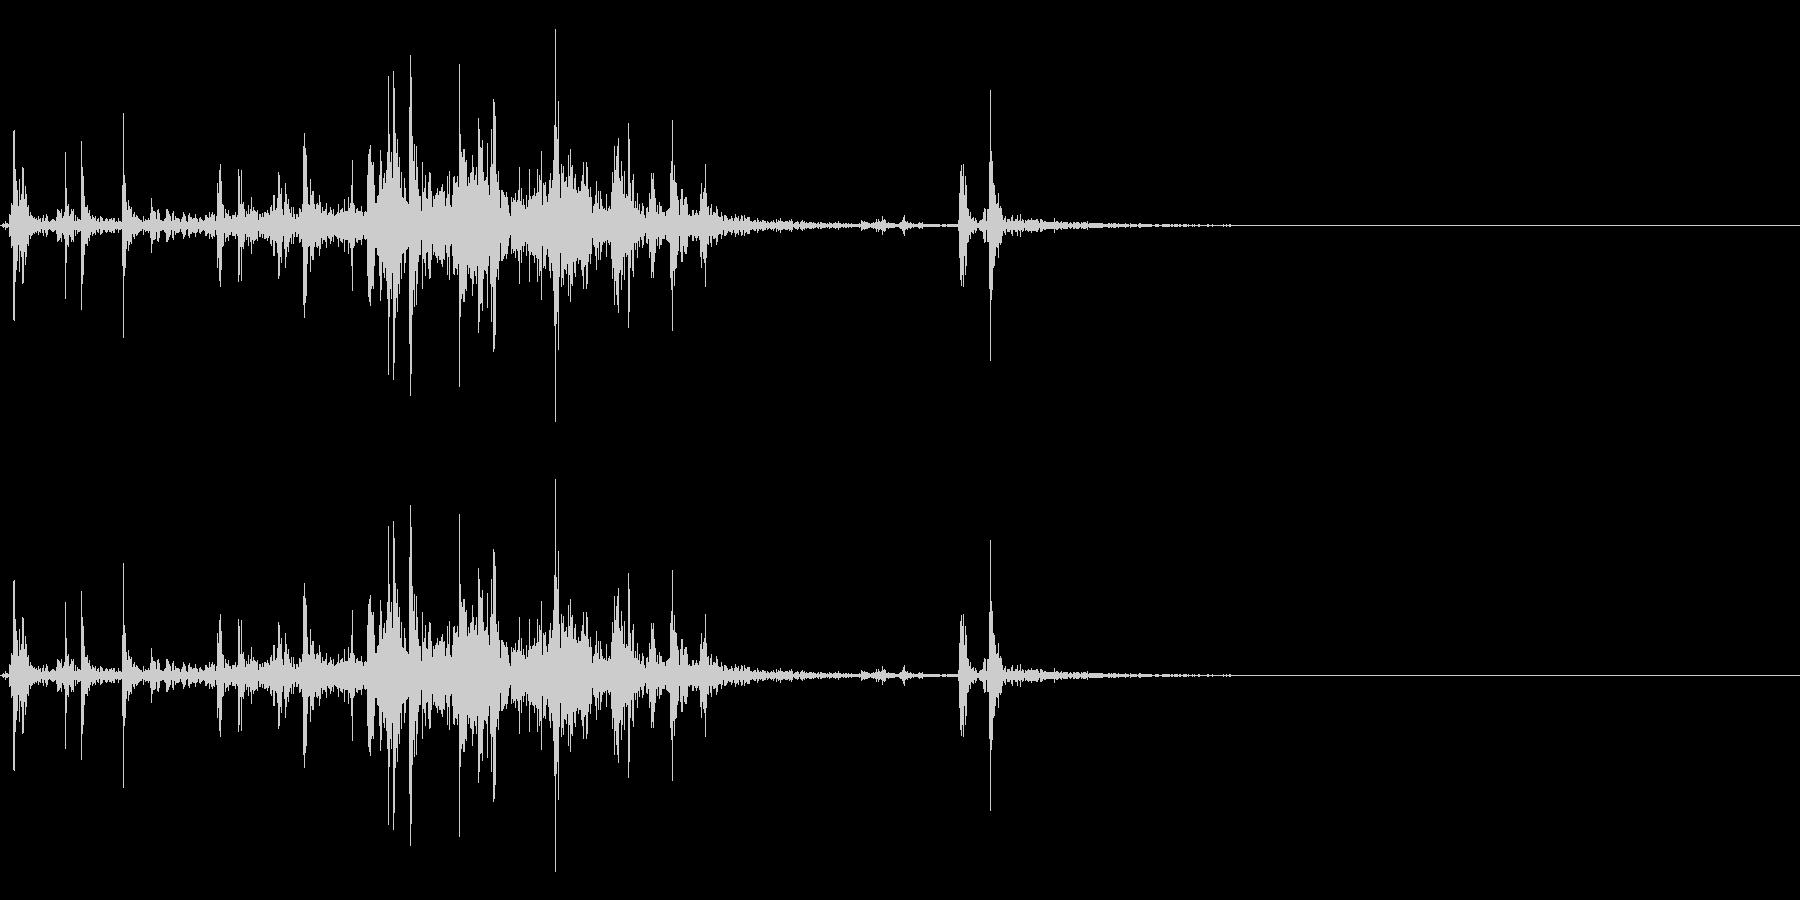 【生録音】ルービックキューブの操作音 5の未再生の波形